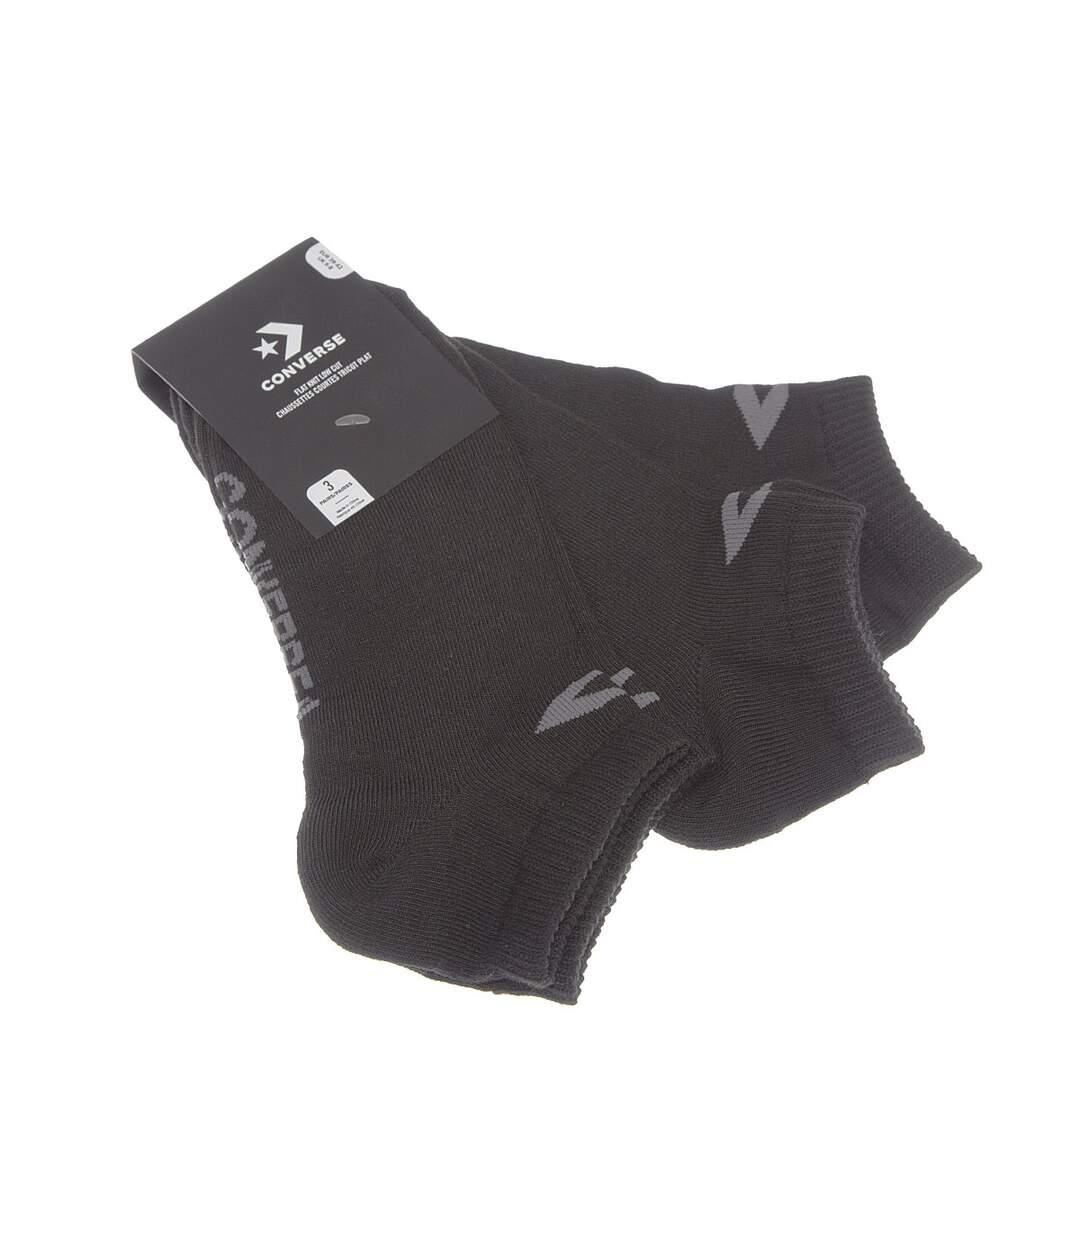 Dégagement Chaussette Socquettes Lot de 3 Coutures plates Noir Chaussette Sneaker lot de 3 homme dsf.d455nksdKLFHG